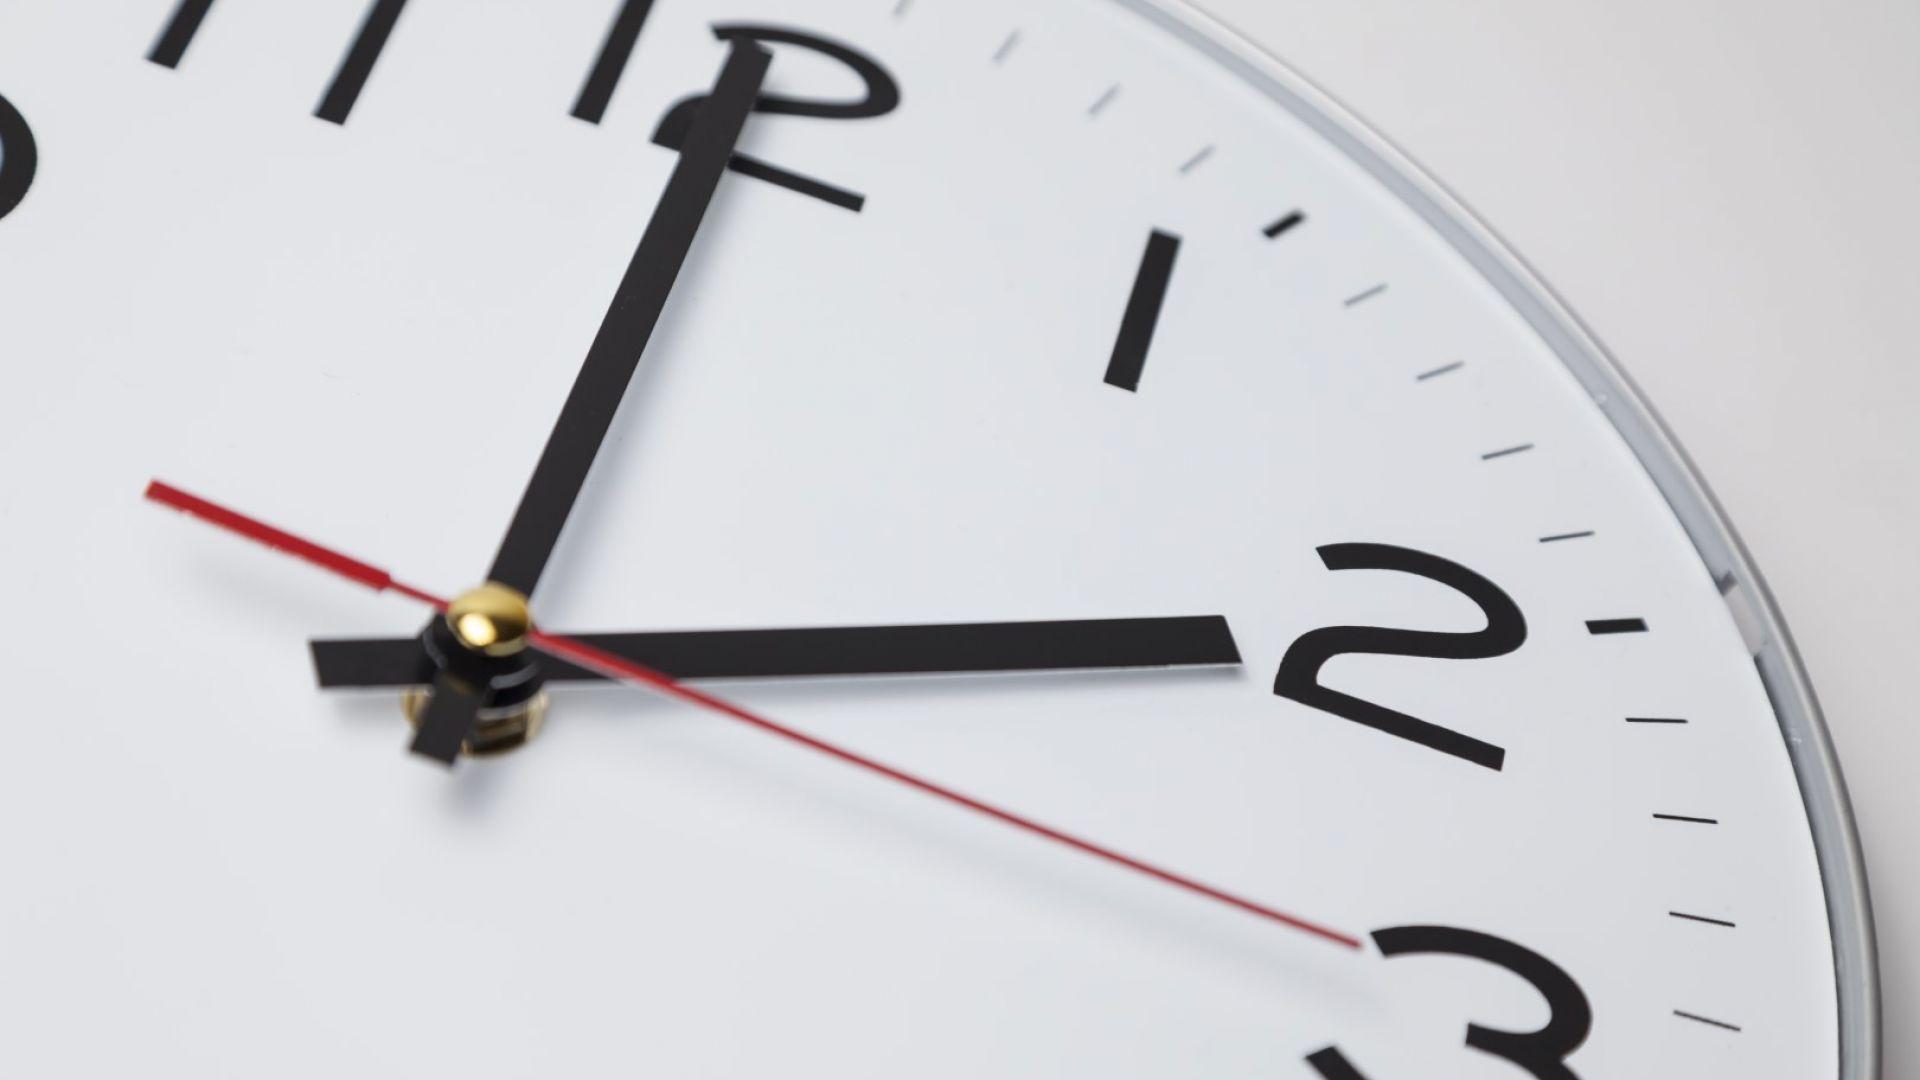 Учени обърнаха посоката на времето в квантов компютър